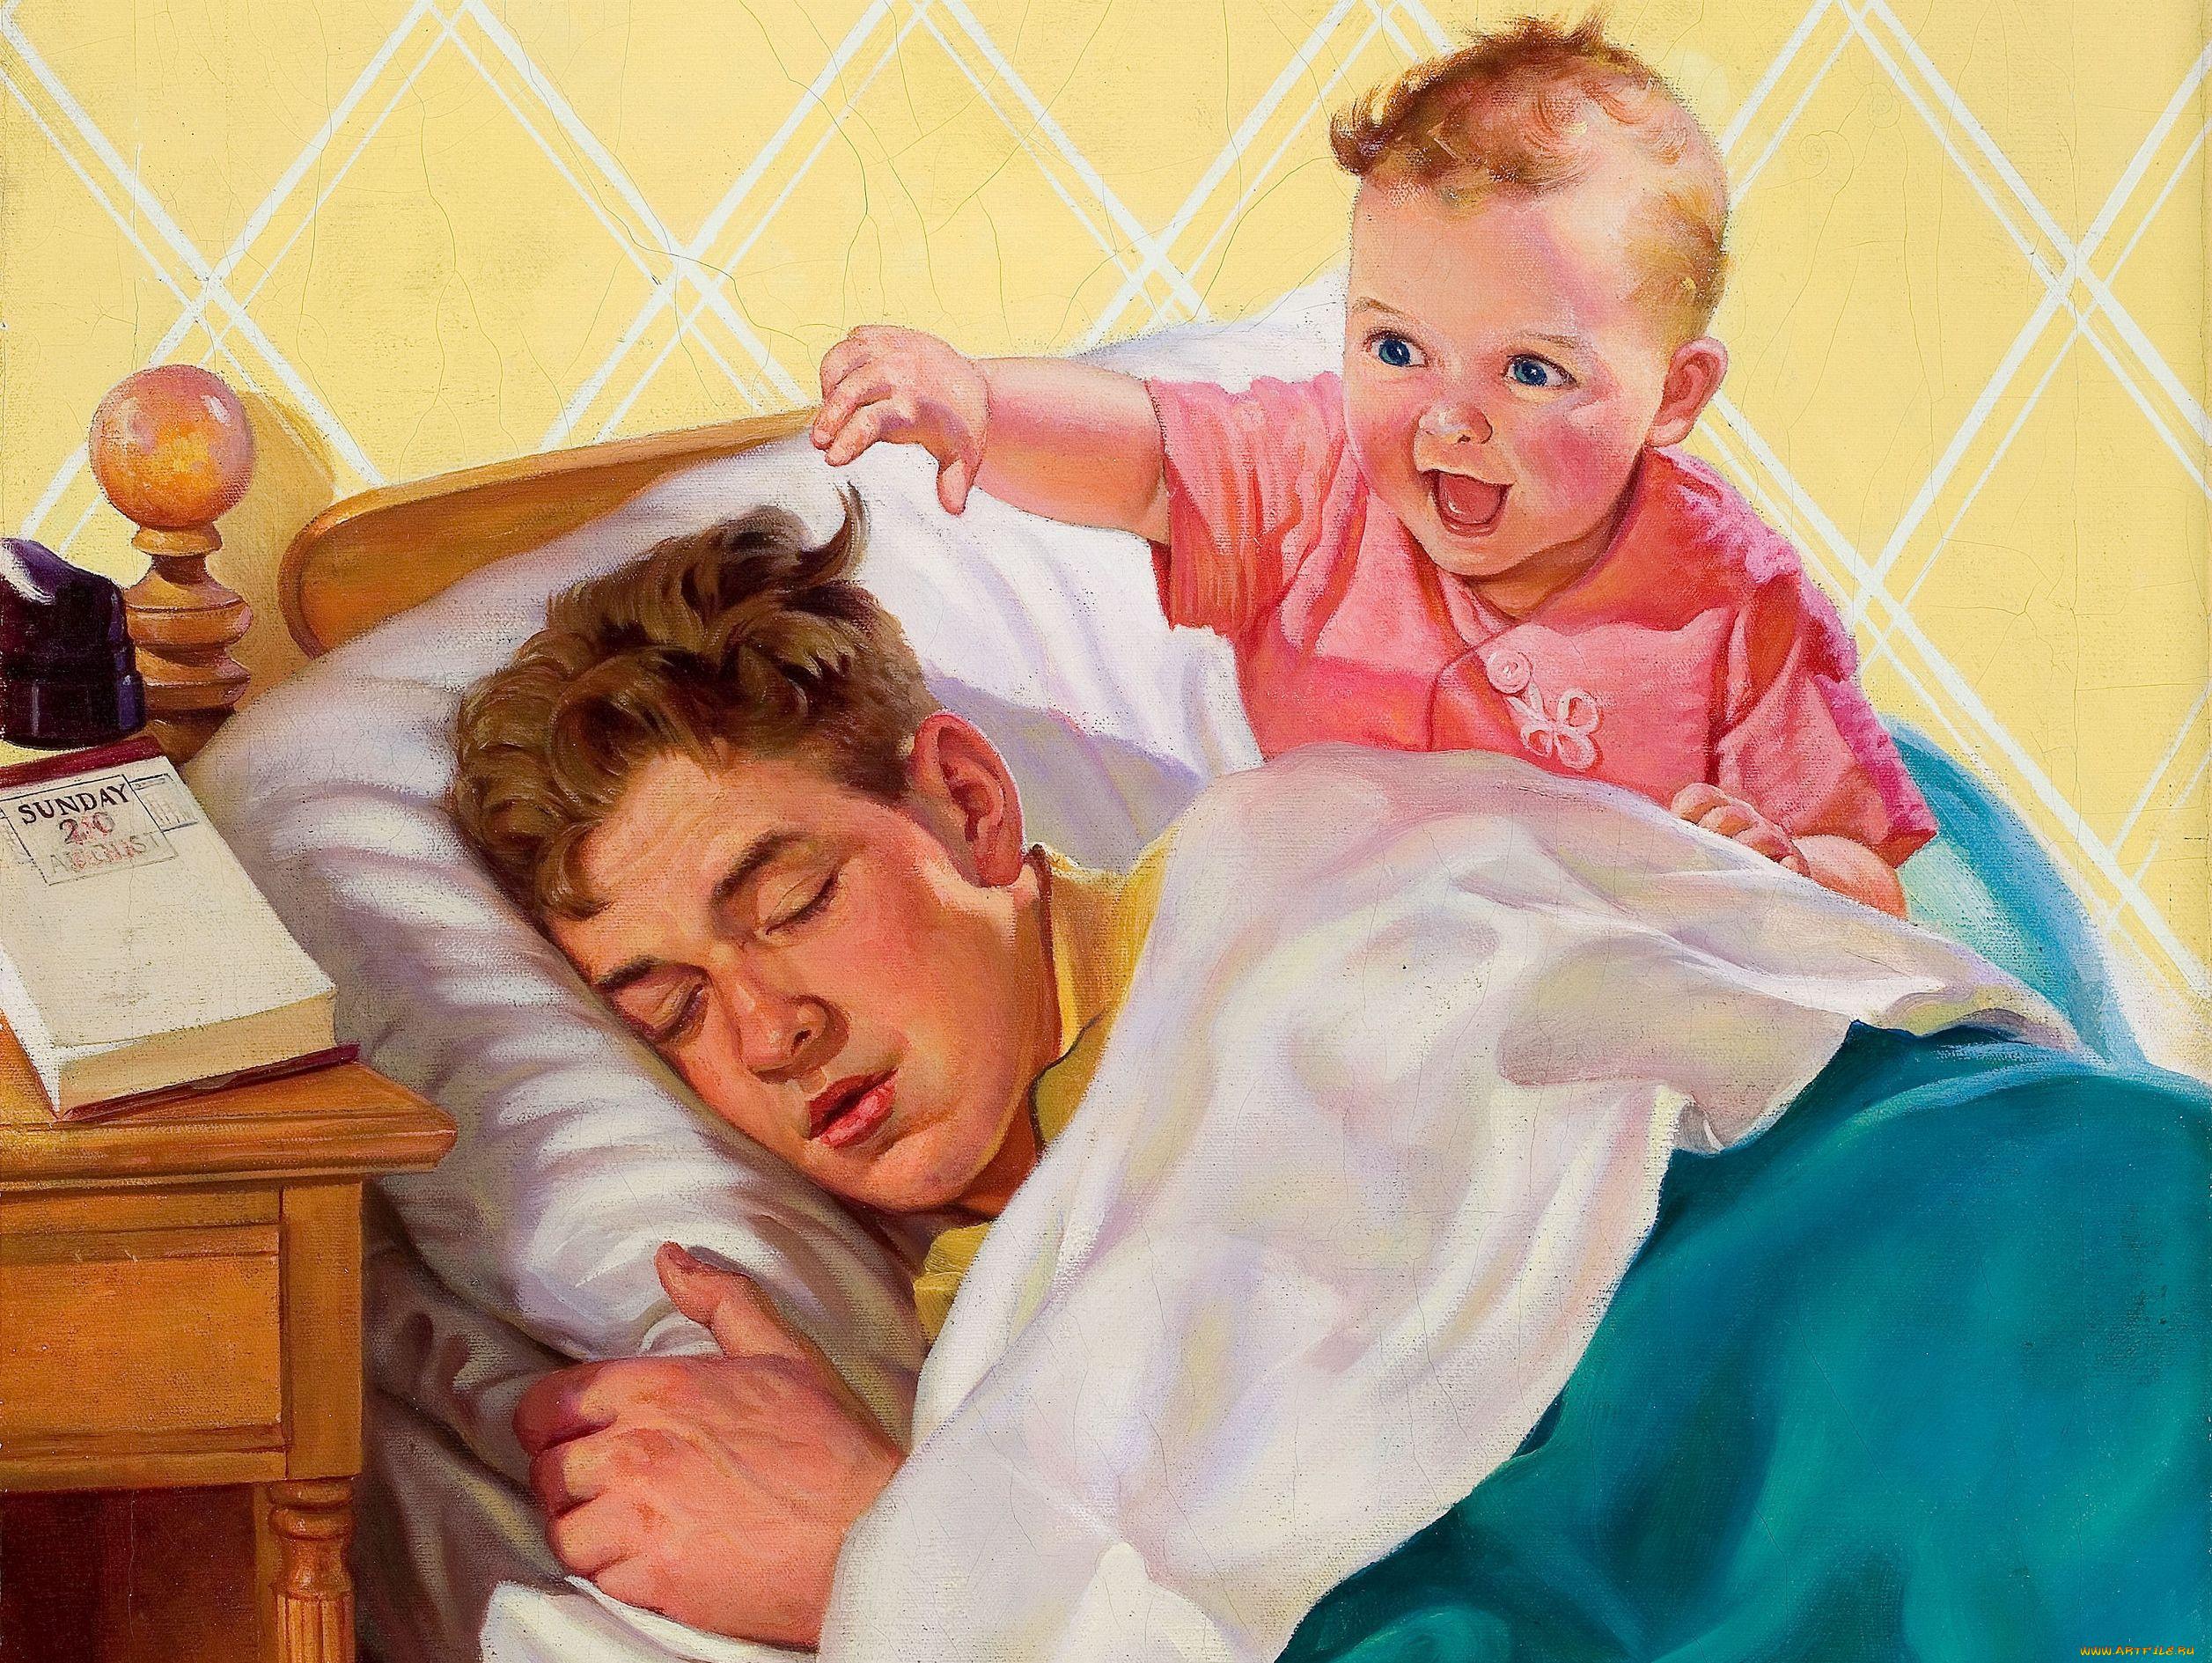 Что может нарисовать ребёнок на голове спящему